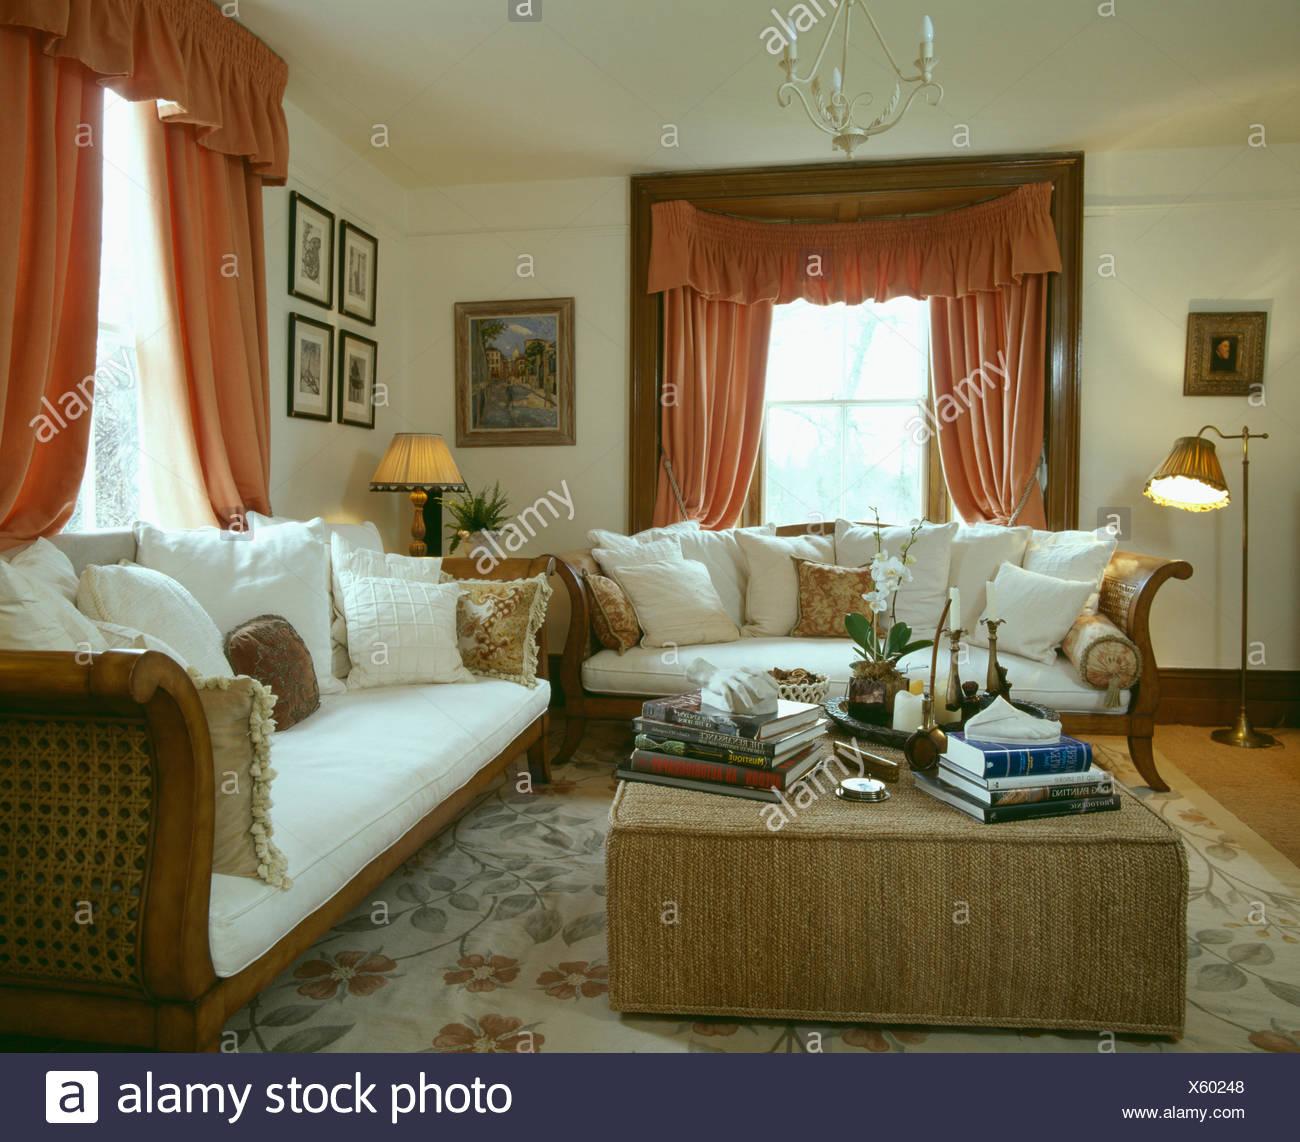 Couleur Salle De Sejour coussins blancs sur canapés de style français dans la salle